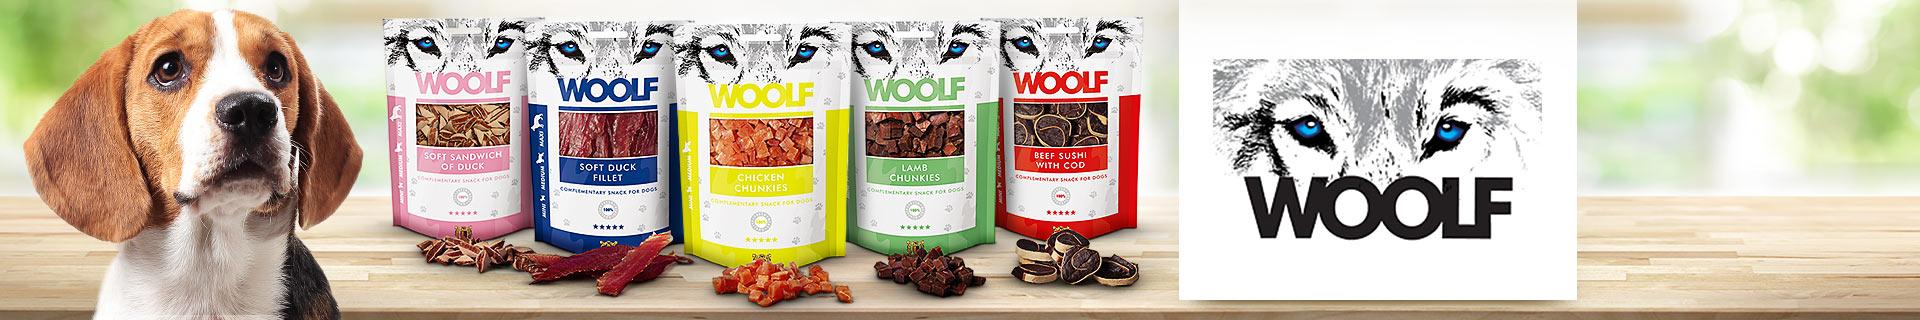 Woolf snacks